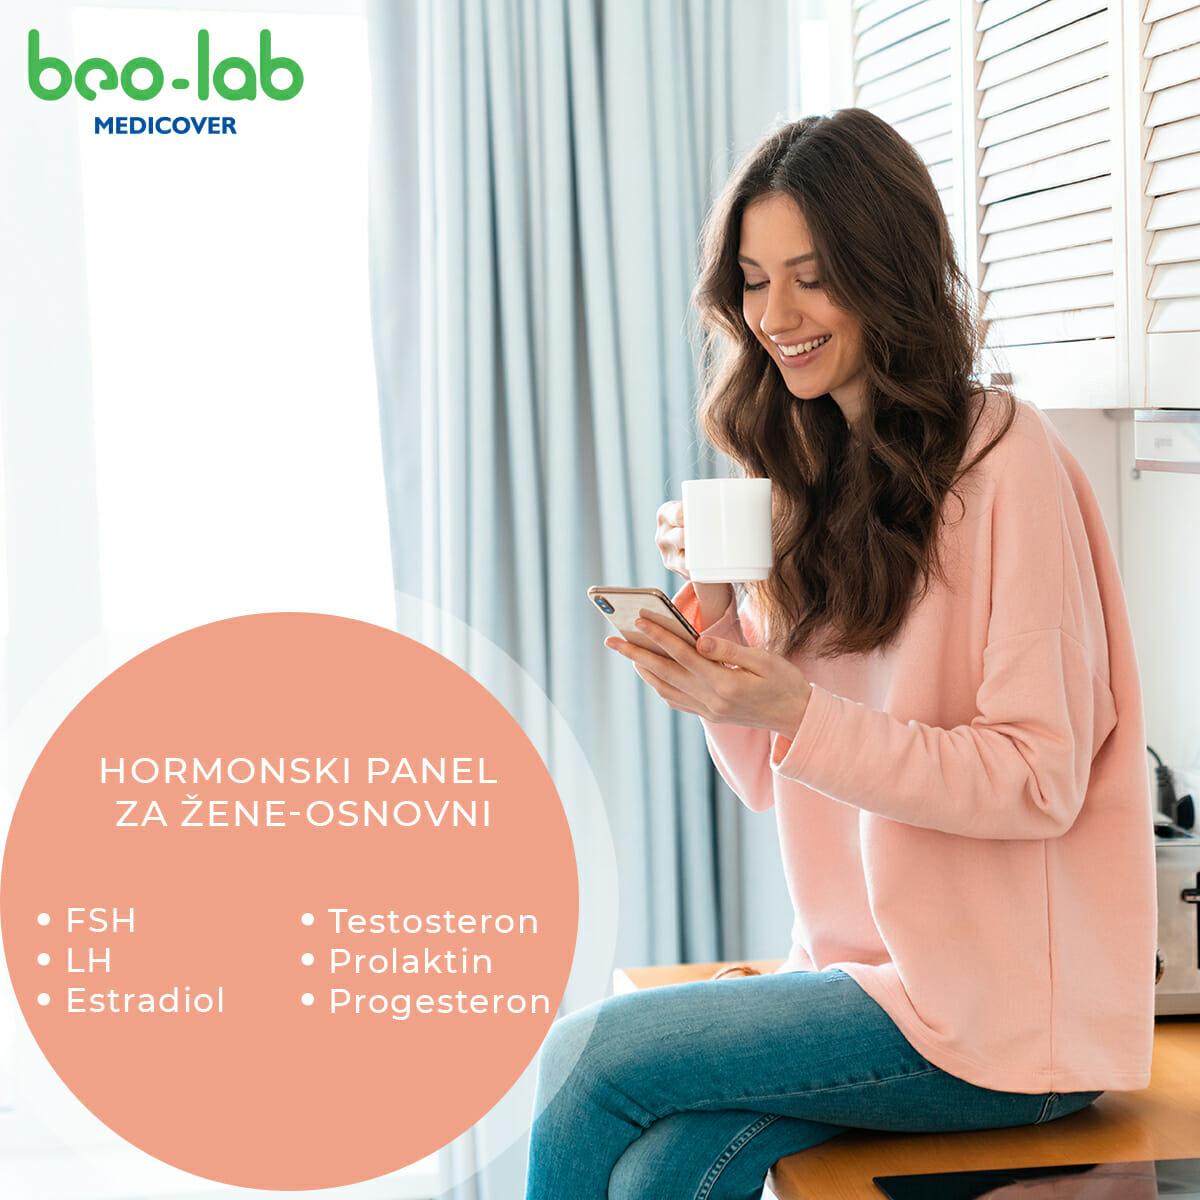 Hormonski panel za žene -osnovni